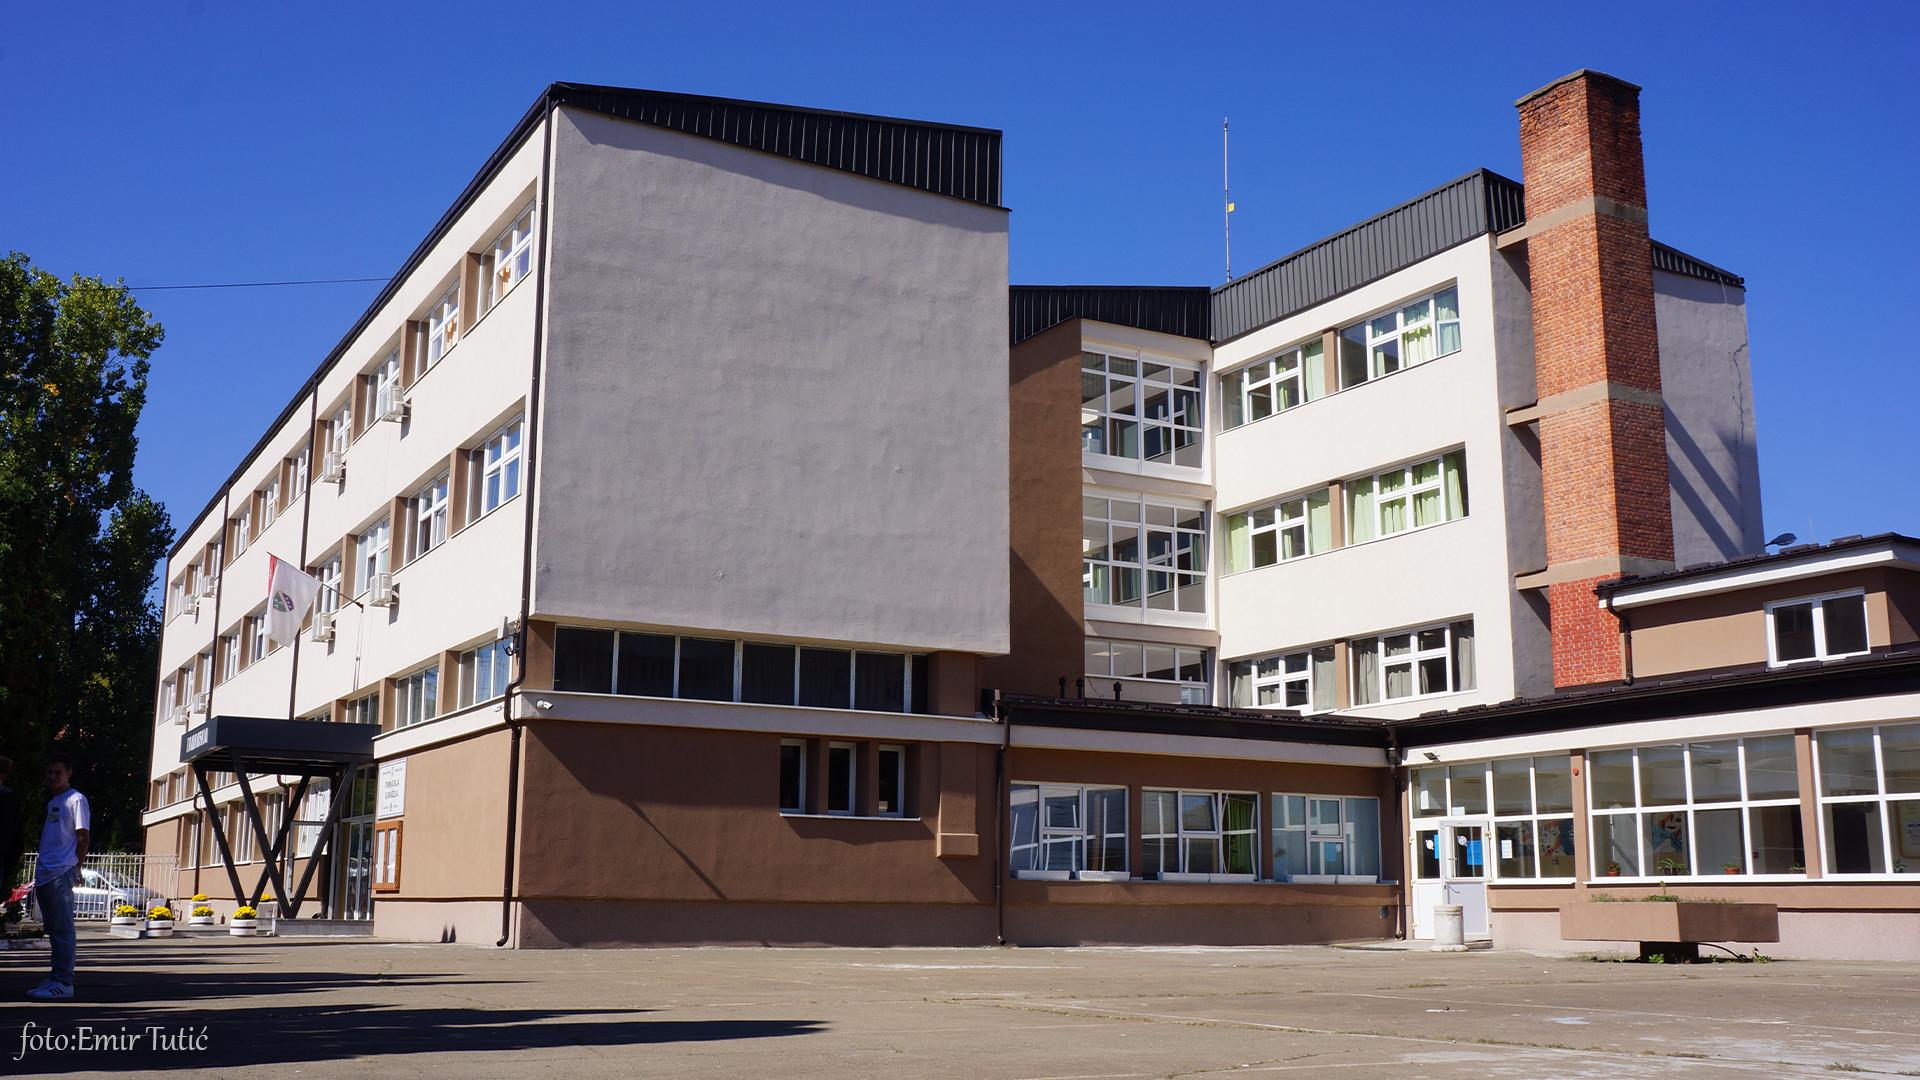 Gimnazija srednja škola učenici.png 2